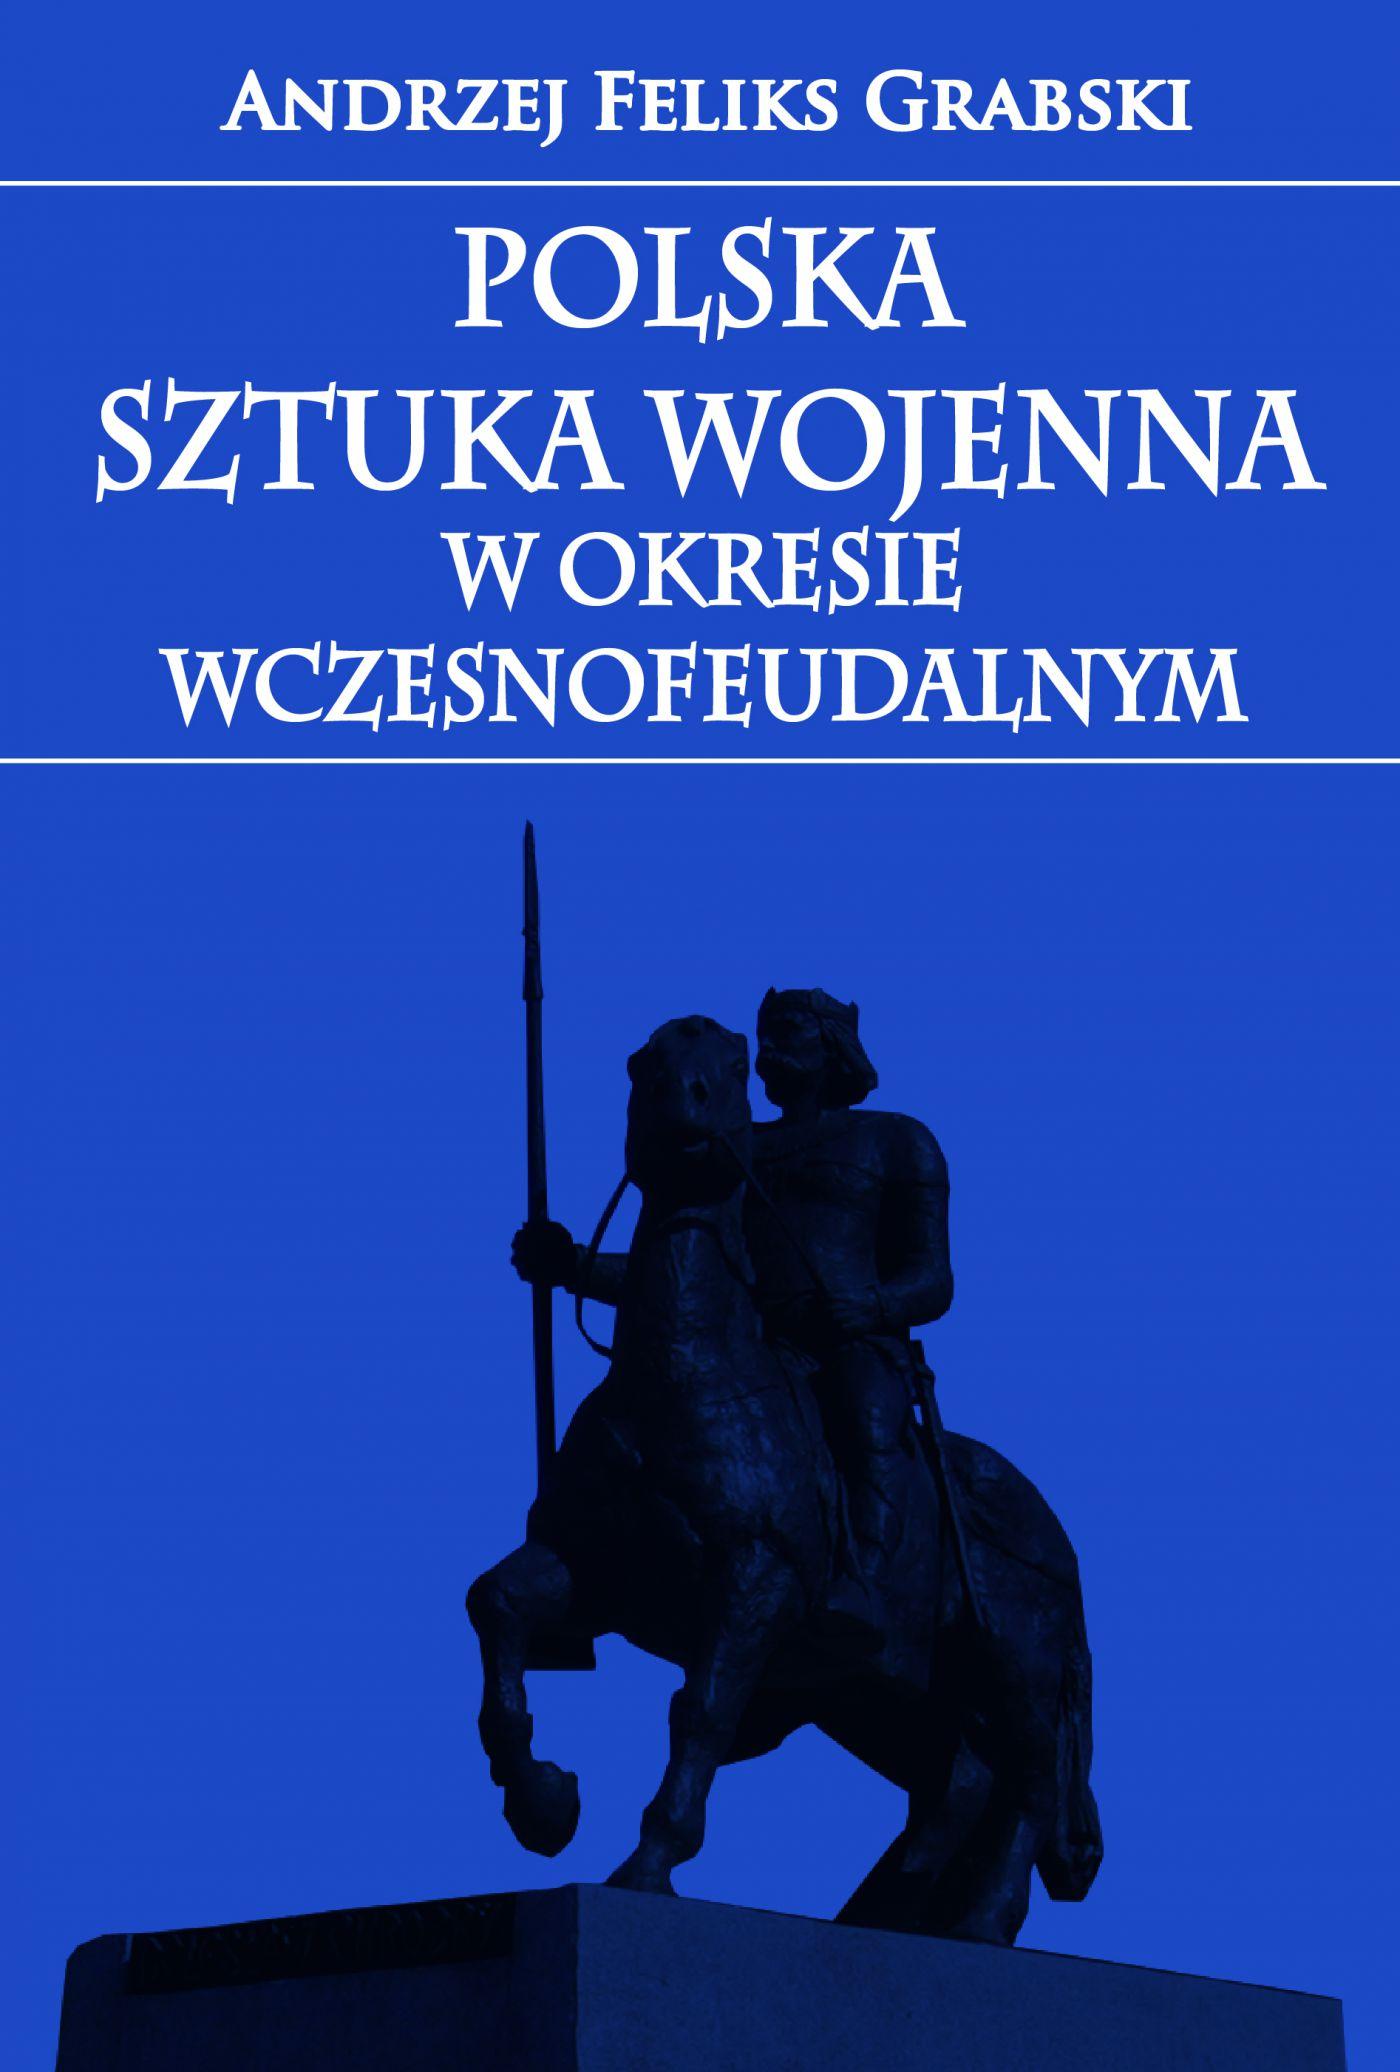 Polska sztuka wojenna w okresie wczesnofeudalnym - Ebook (Książka EPUB) do pobrania w formacie EPUB